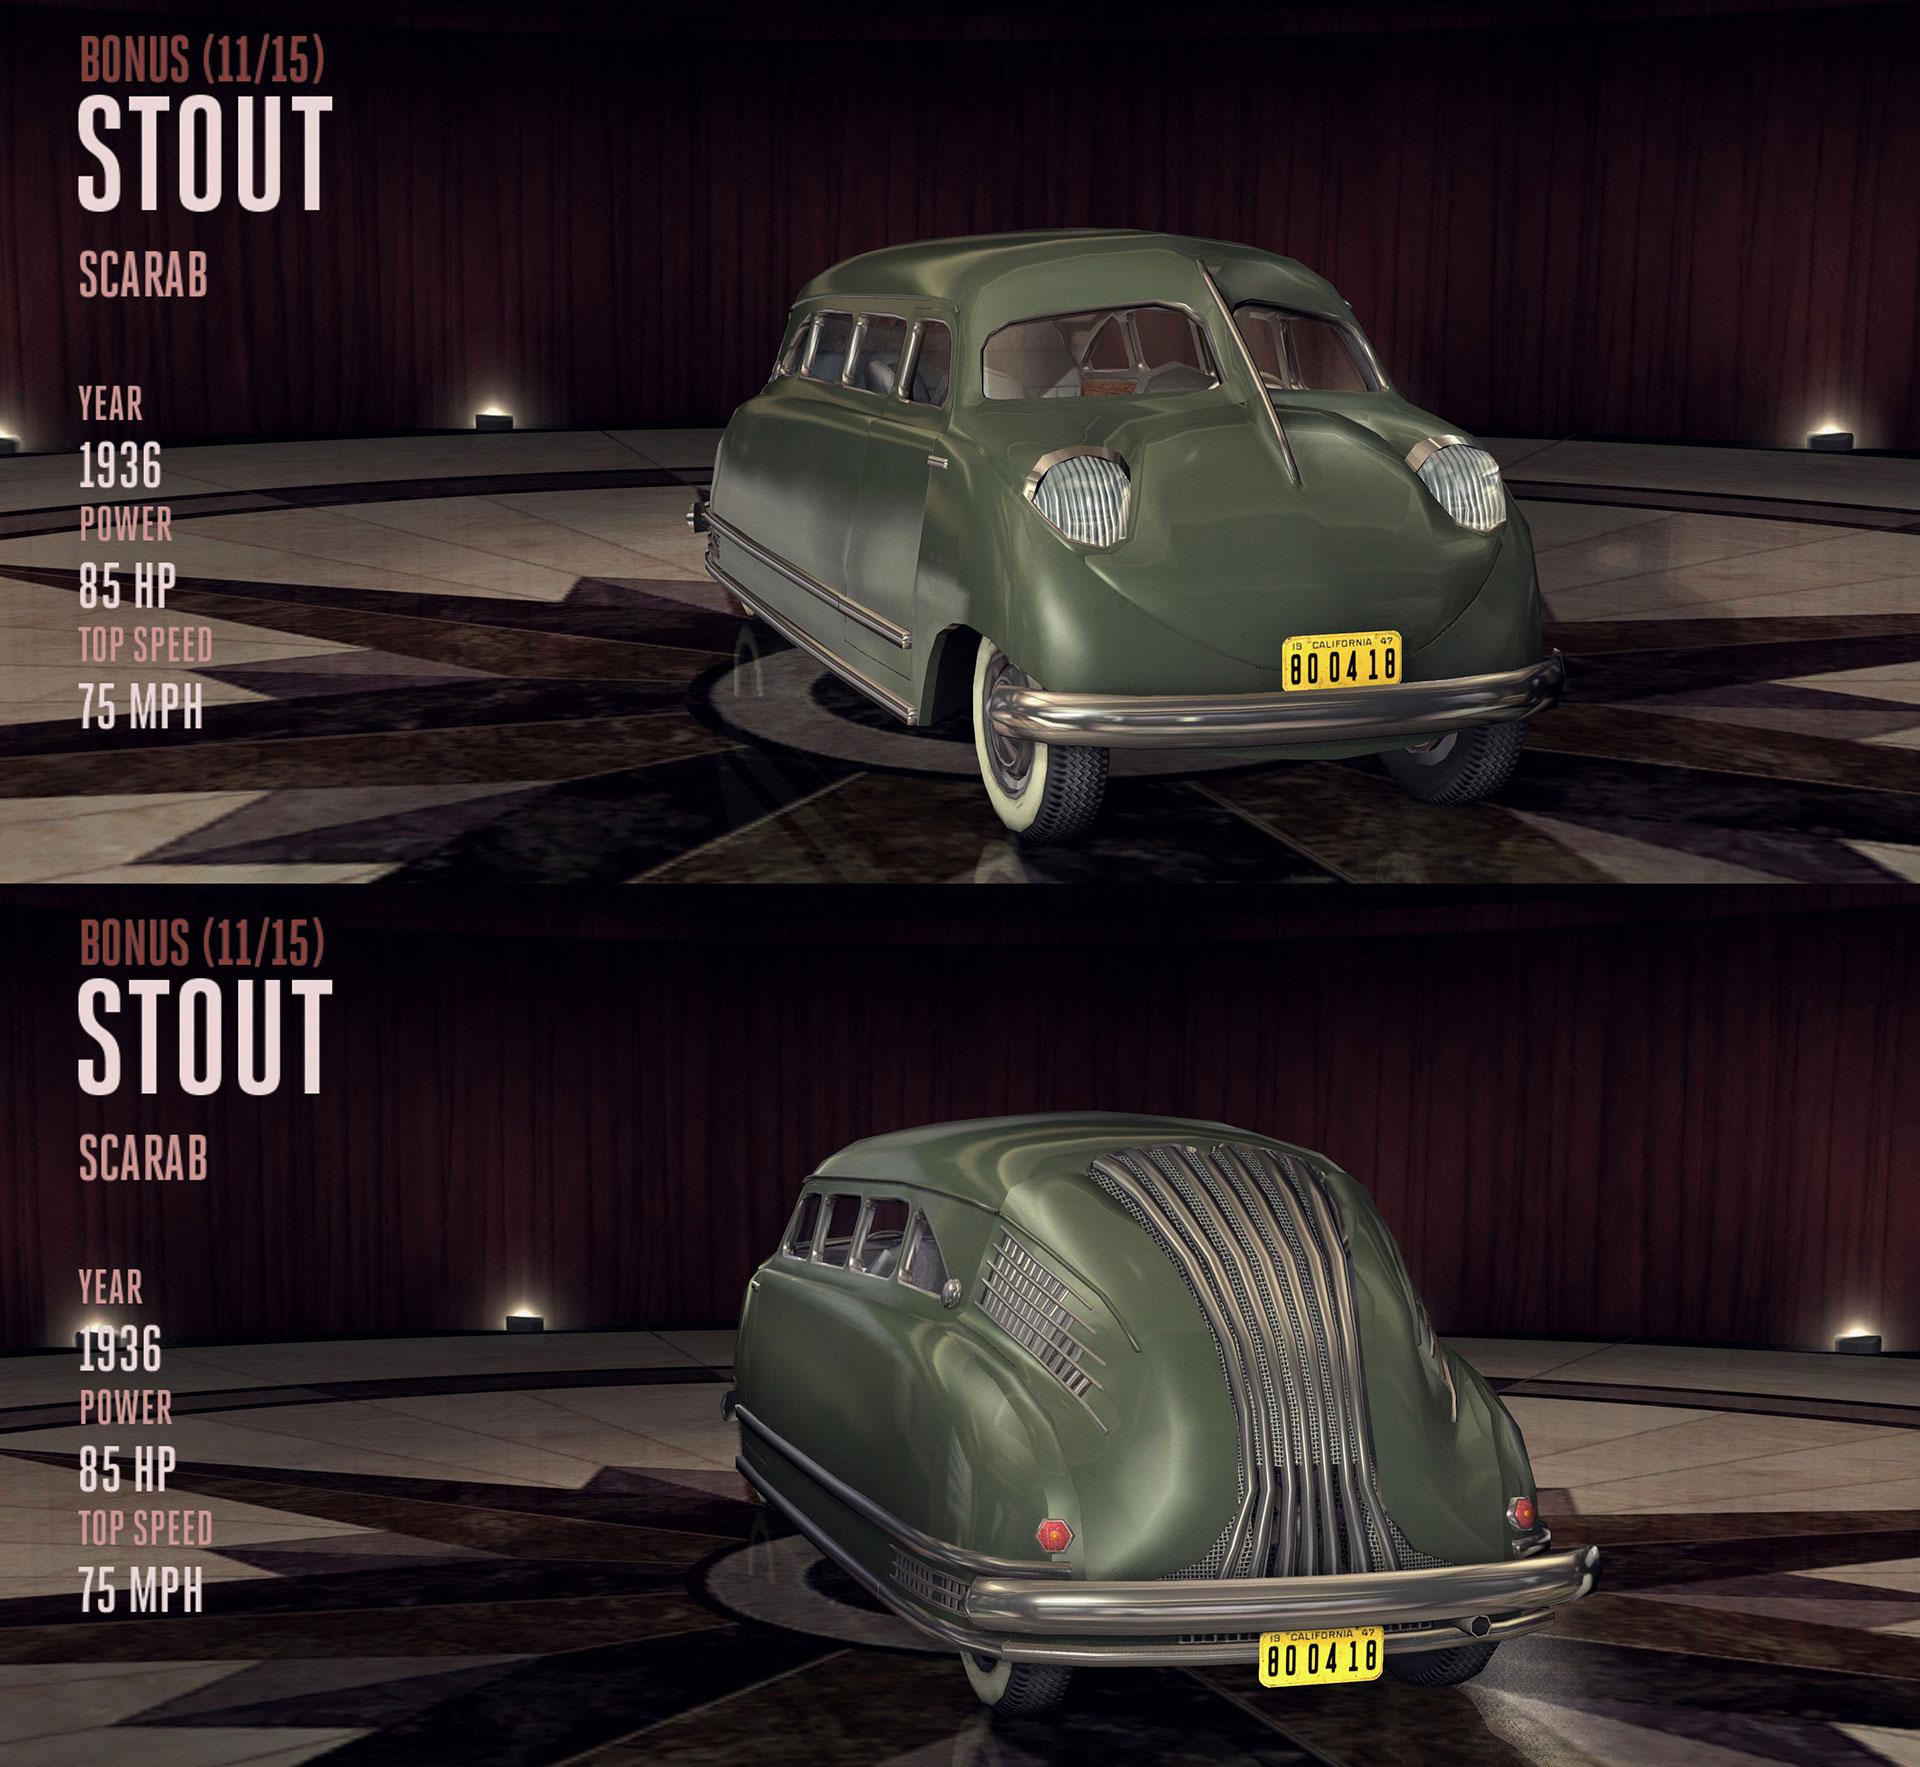 File:1936-stout-scarab.jpg